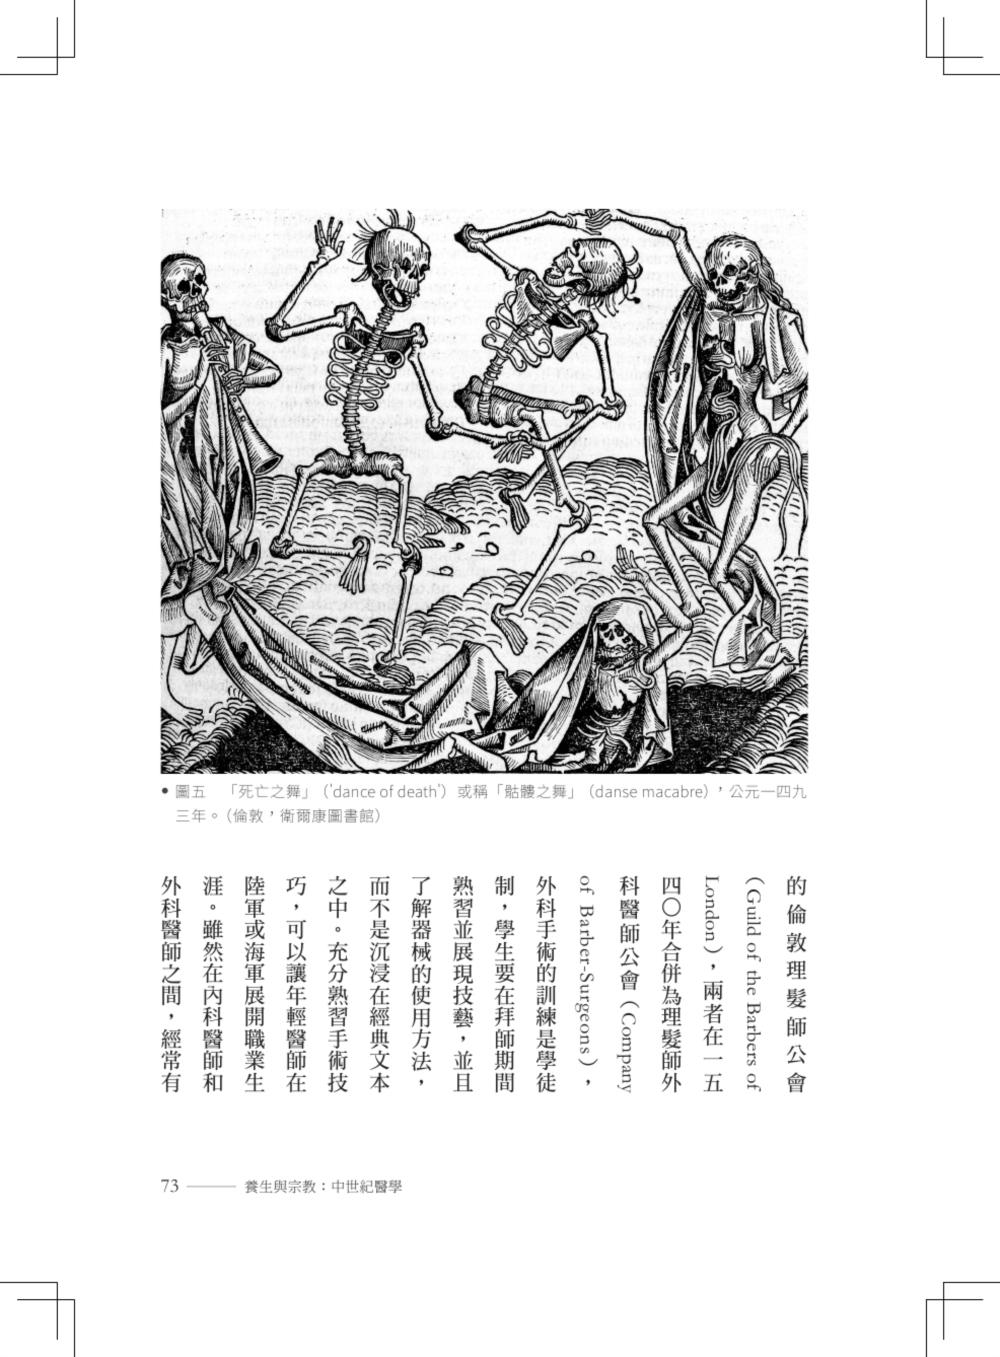 http://im2.book.com.tw/image/getImage?i=http://www.books.com.tw/img/001/072/55/0010725528_b_03.jpg&v=57c3d691&w=655&h=609